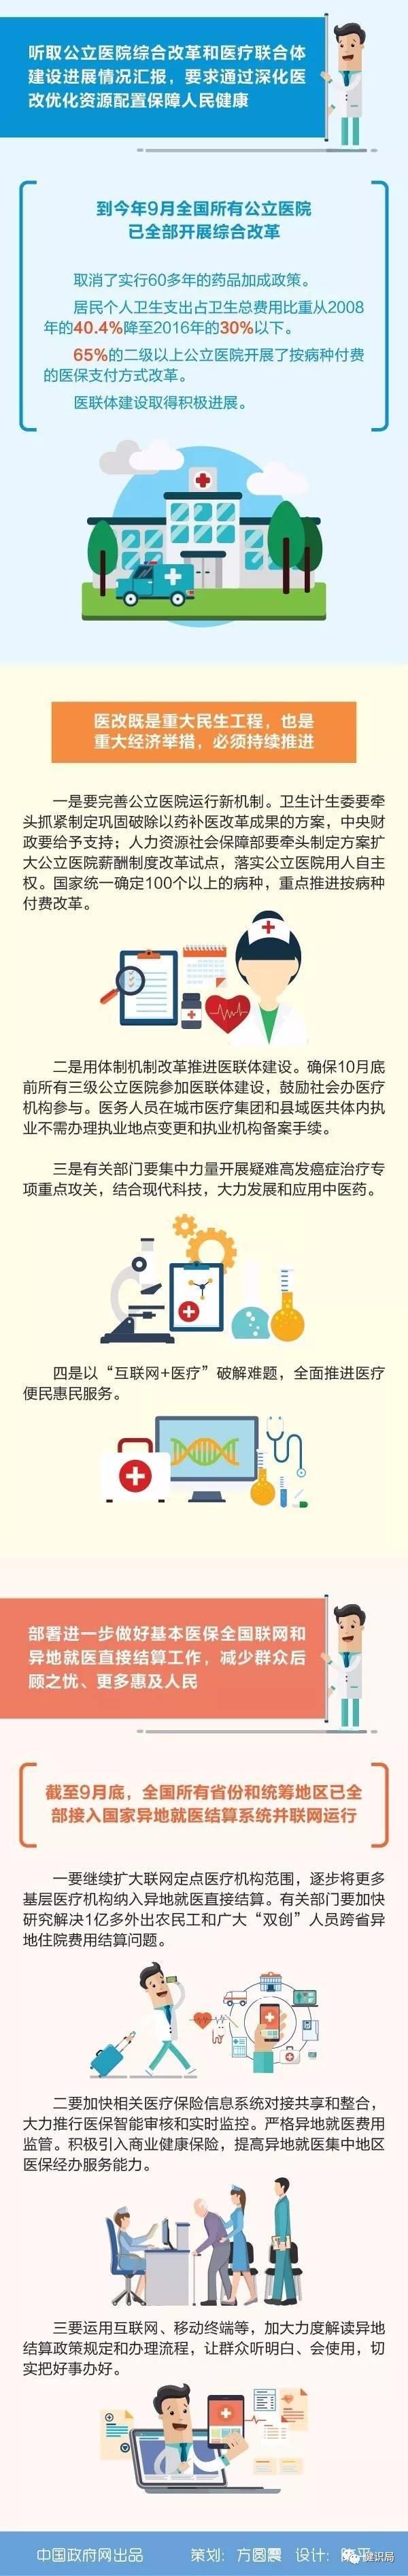 国务院:月底前,三级公立医院100%组建医联体!